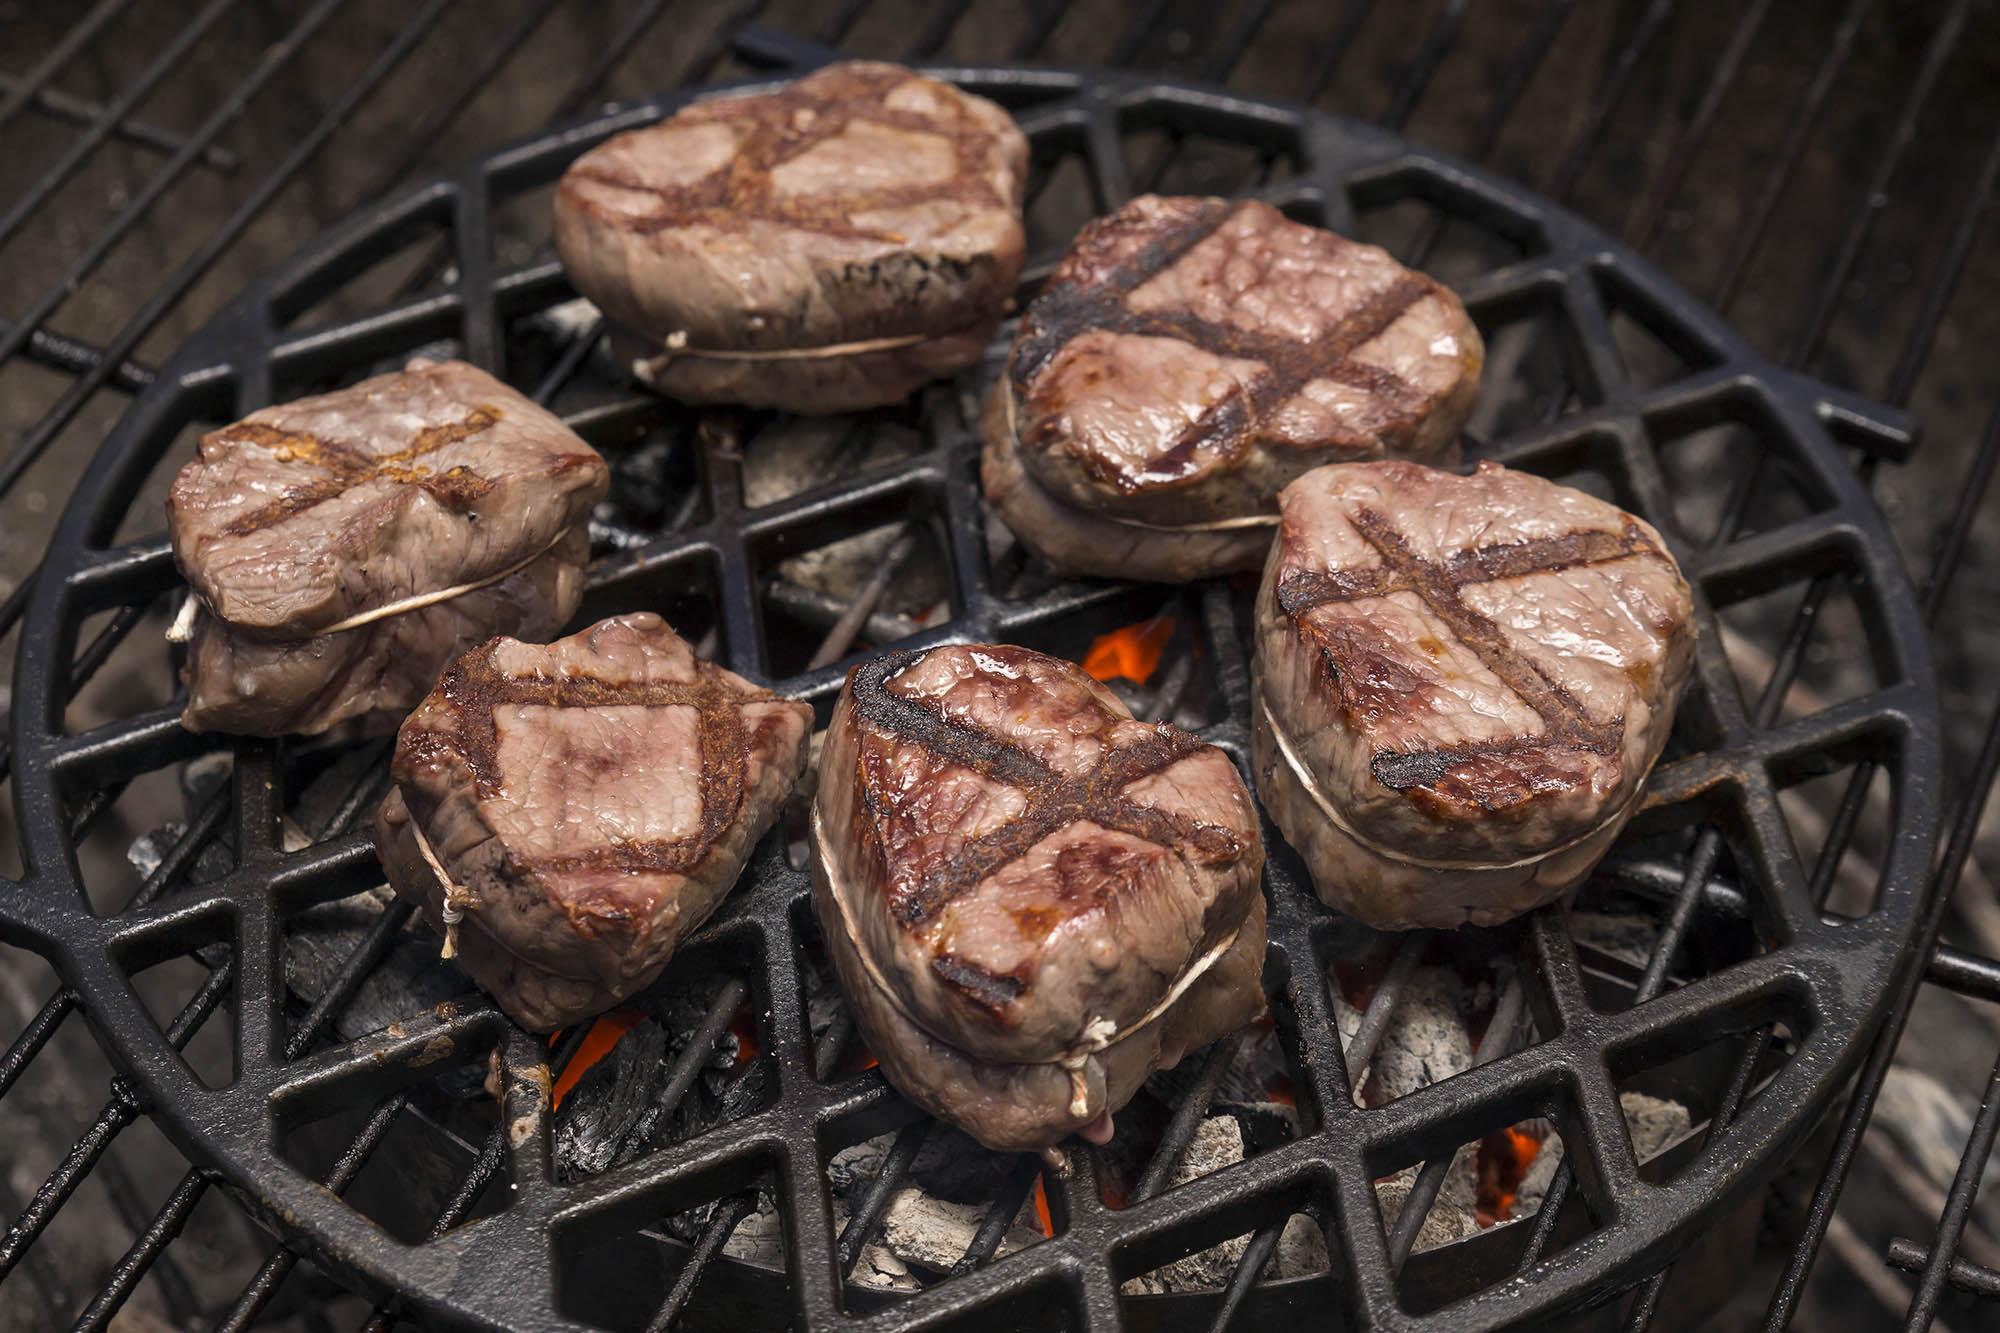 Steakhüfte 02 - 06 klein.jpg